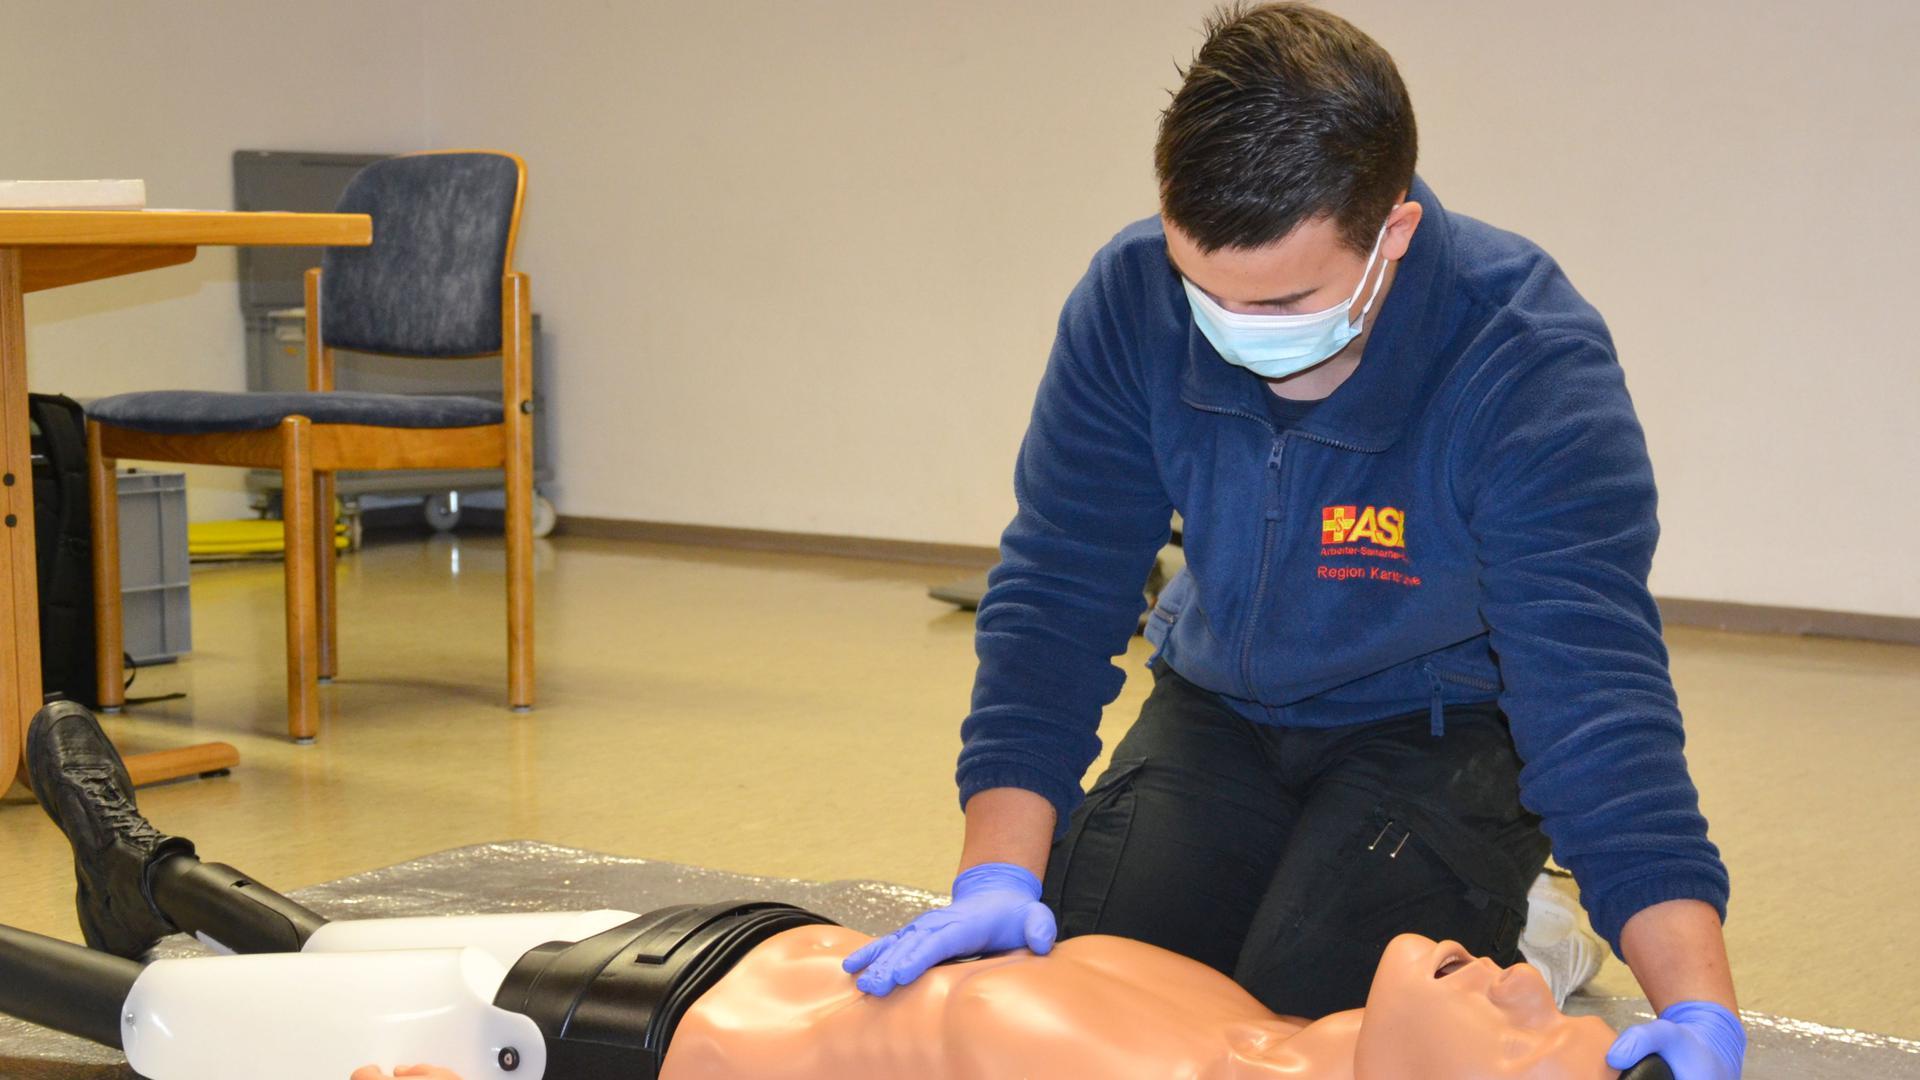 Erste-Hilfe-Kurs des ASB in Sasbachwalden